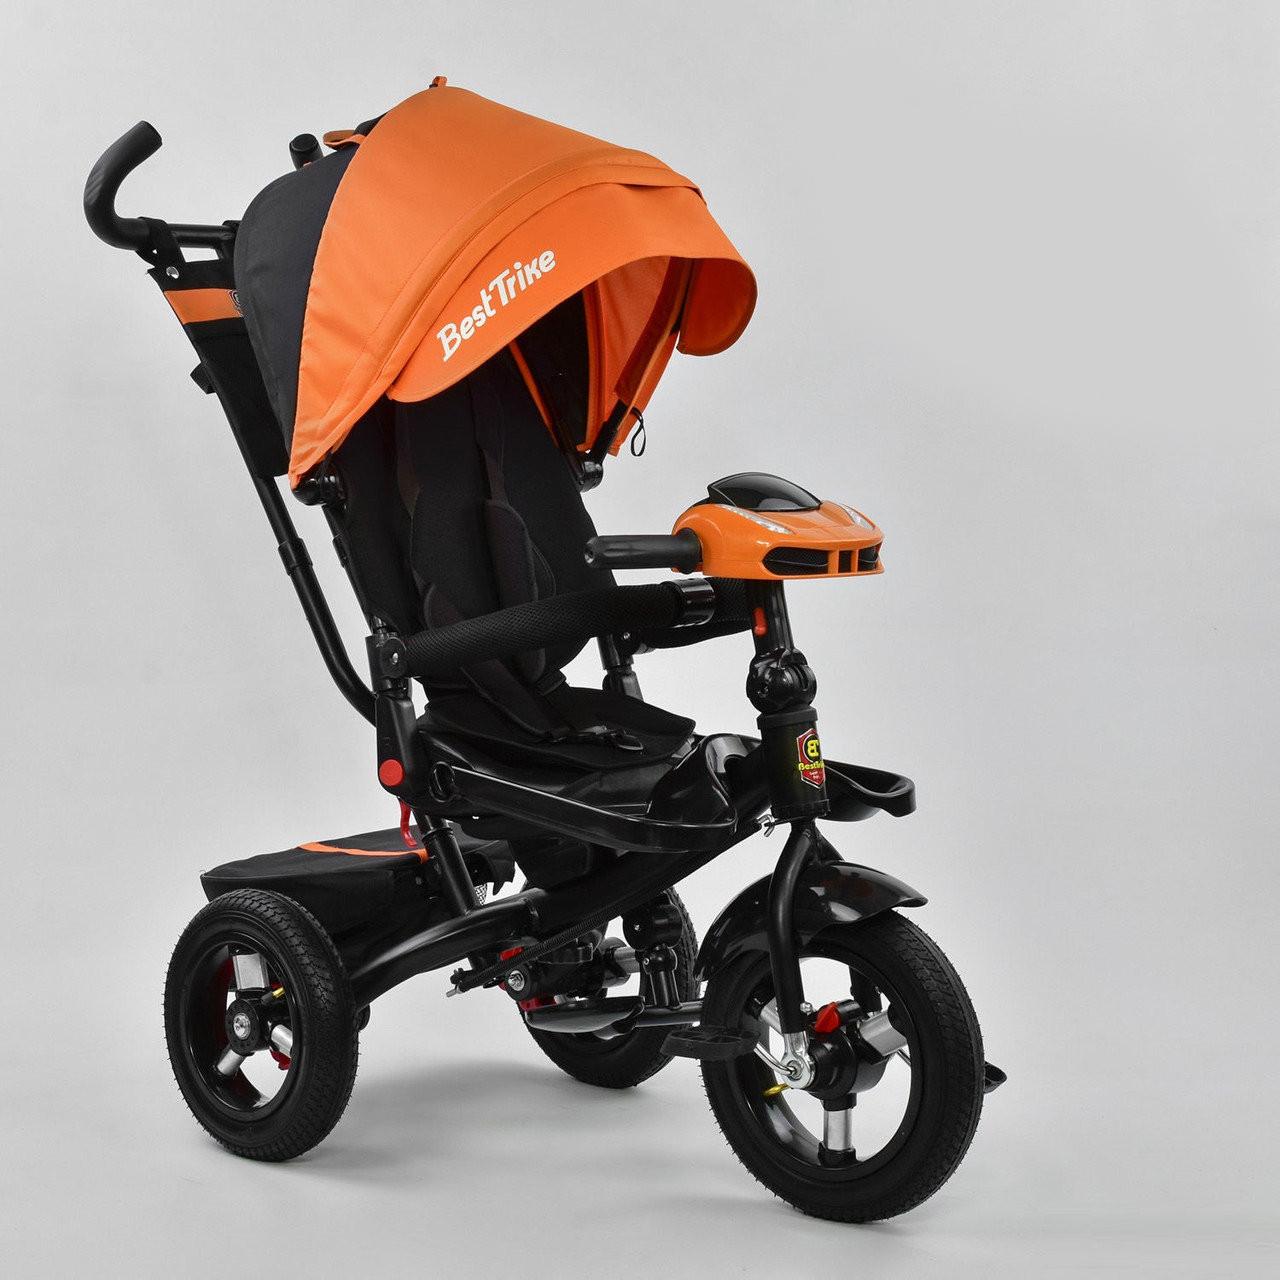 Детский трехколесный велосипед с поворотным сиденьем и музыкальной фарой Best Trike 6088 F – 3020, оранжевый